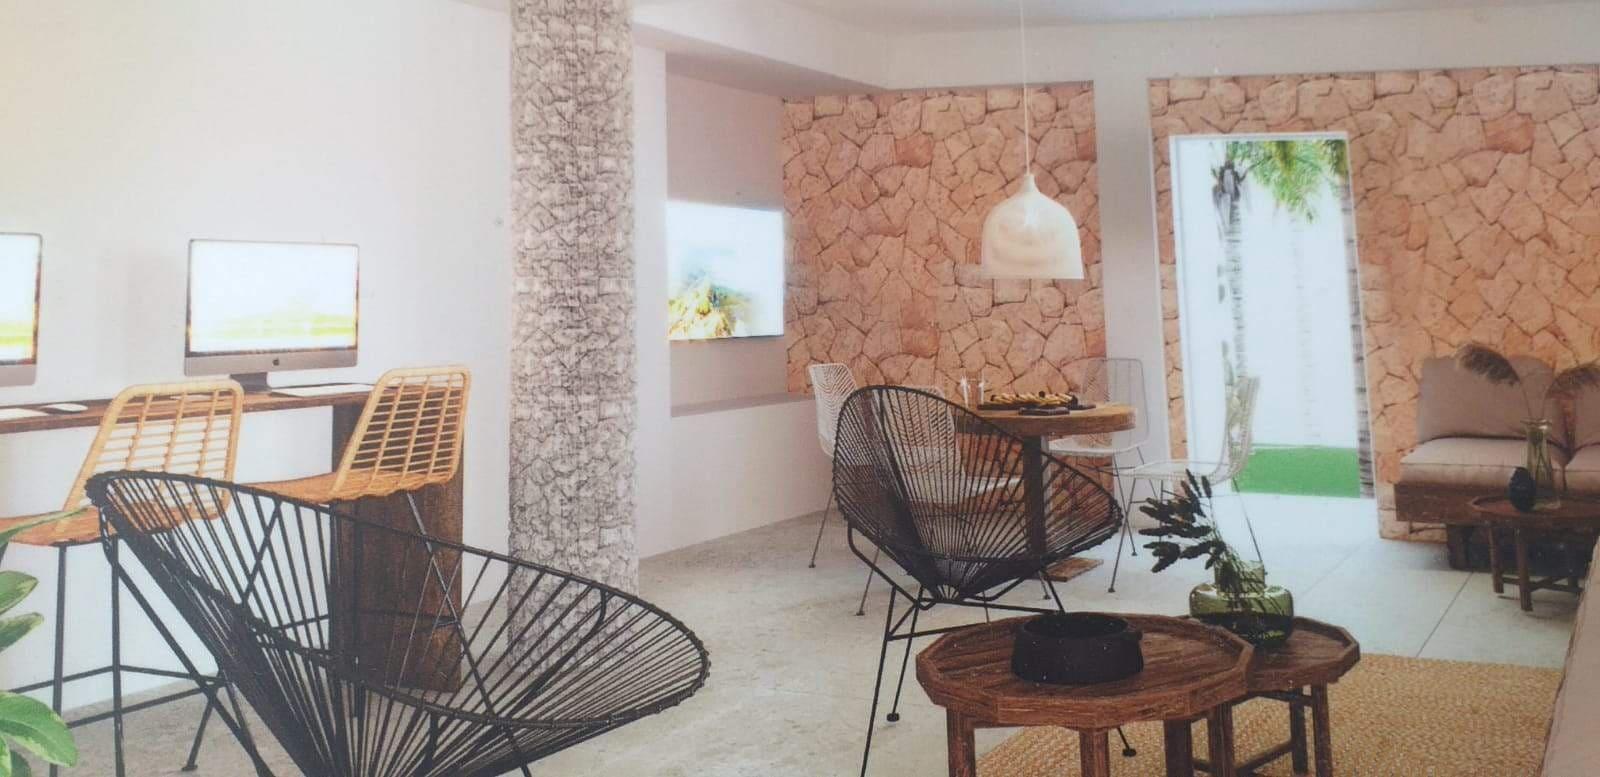 24 quarto Hotel para venda em Es Cana - 3 700 000 € (Ref: 6218400)